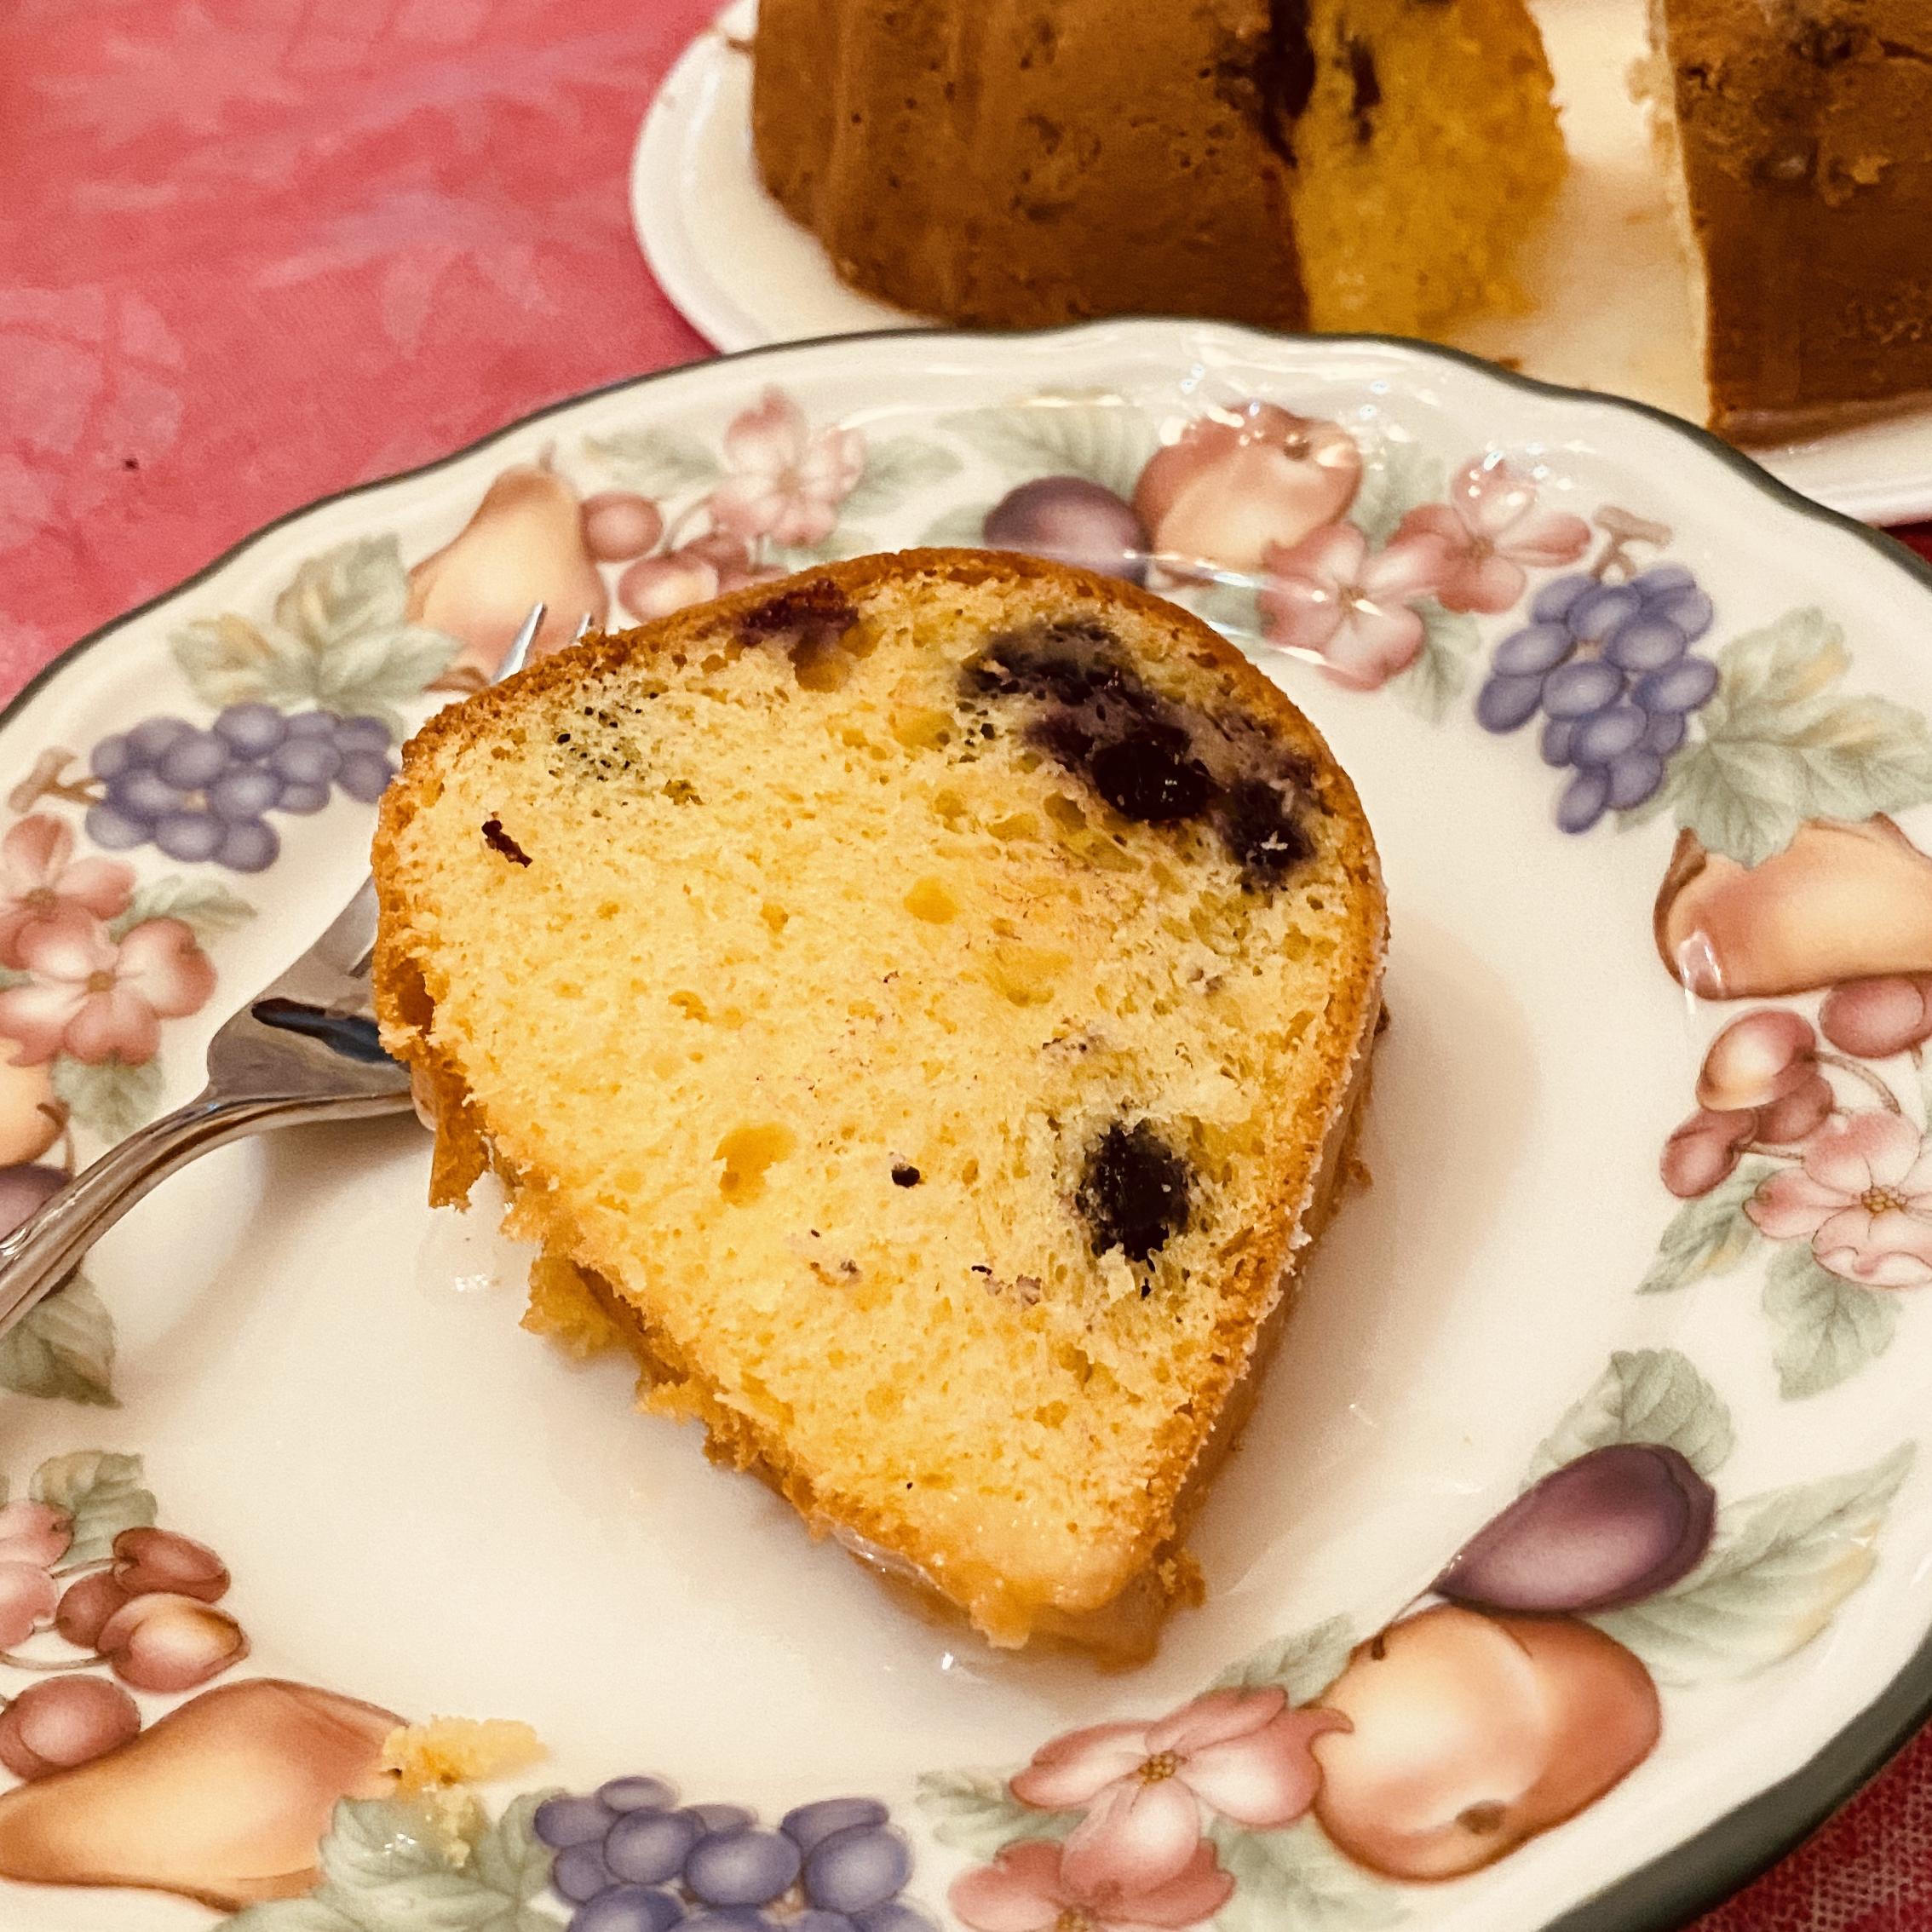 Easy Lemon-Blueberry Bundt® Cake